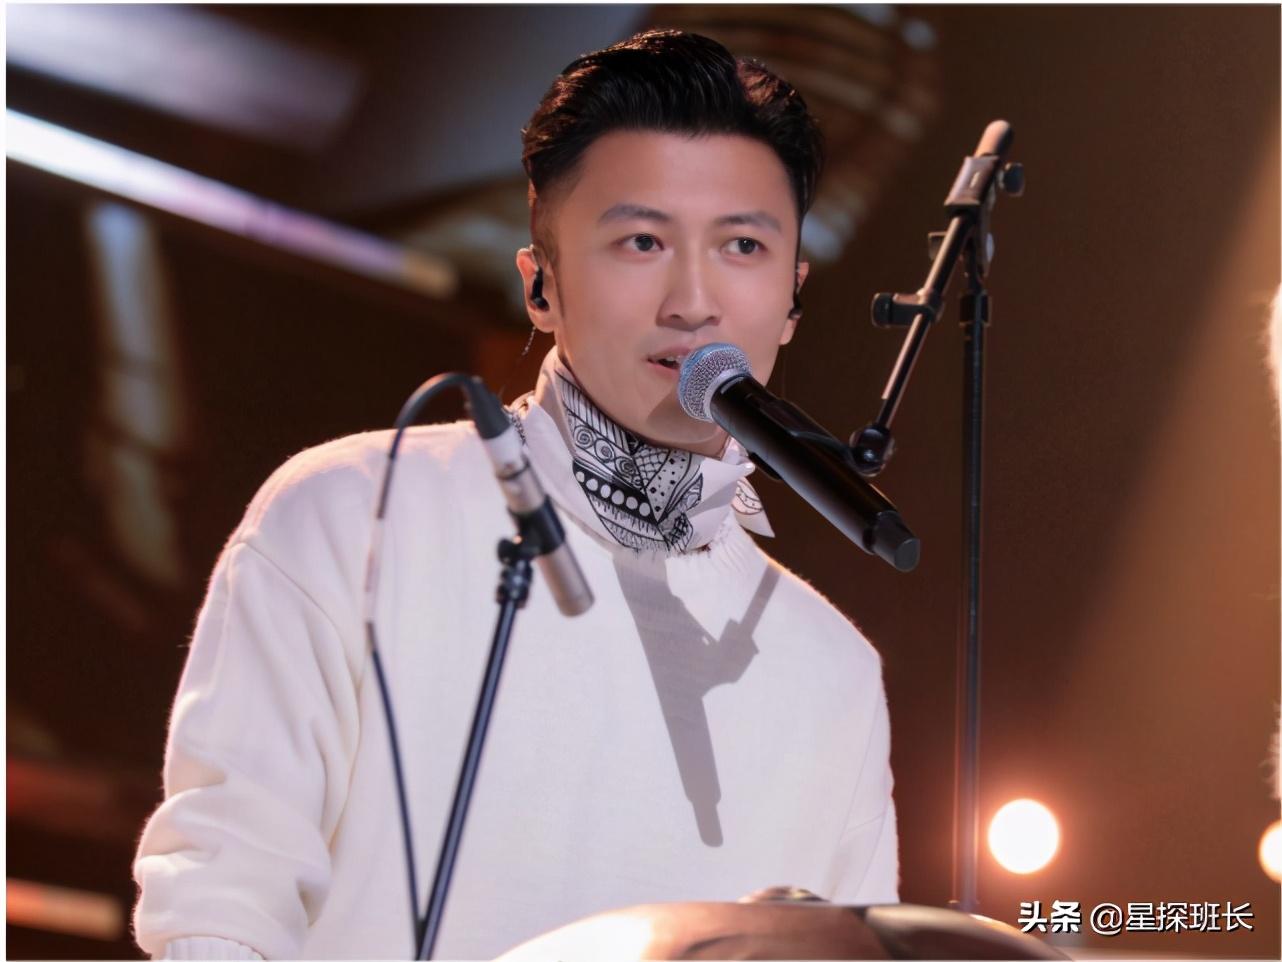 《中国好声音》决赛5进3:李荣浩创逆袭奇迹,谢霆锋今年又陪跑